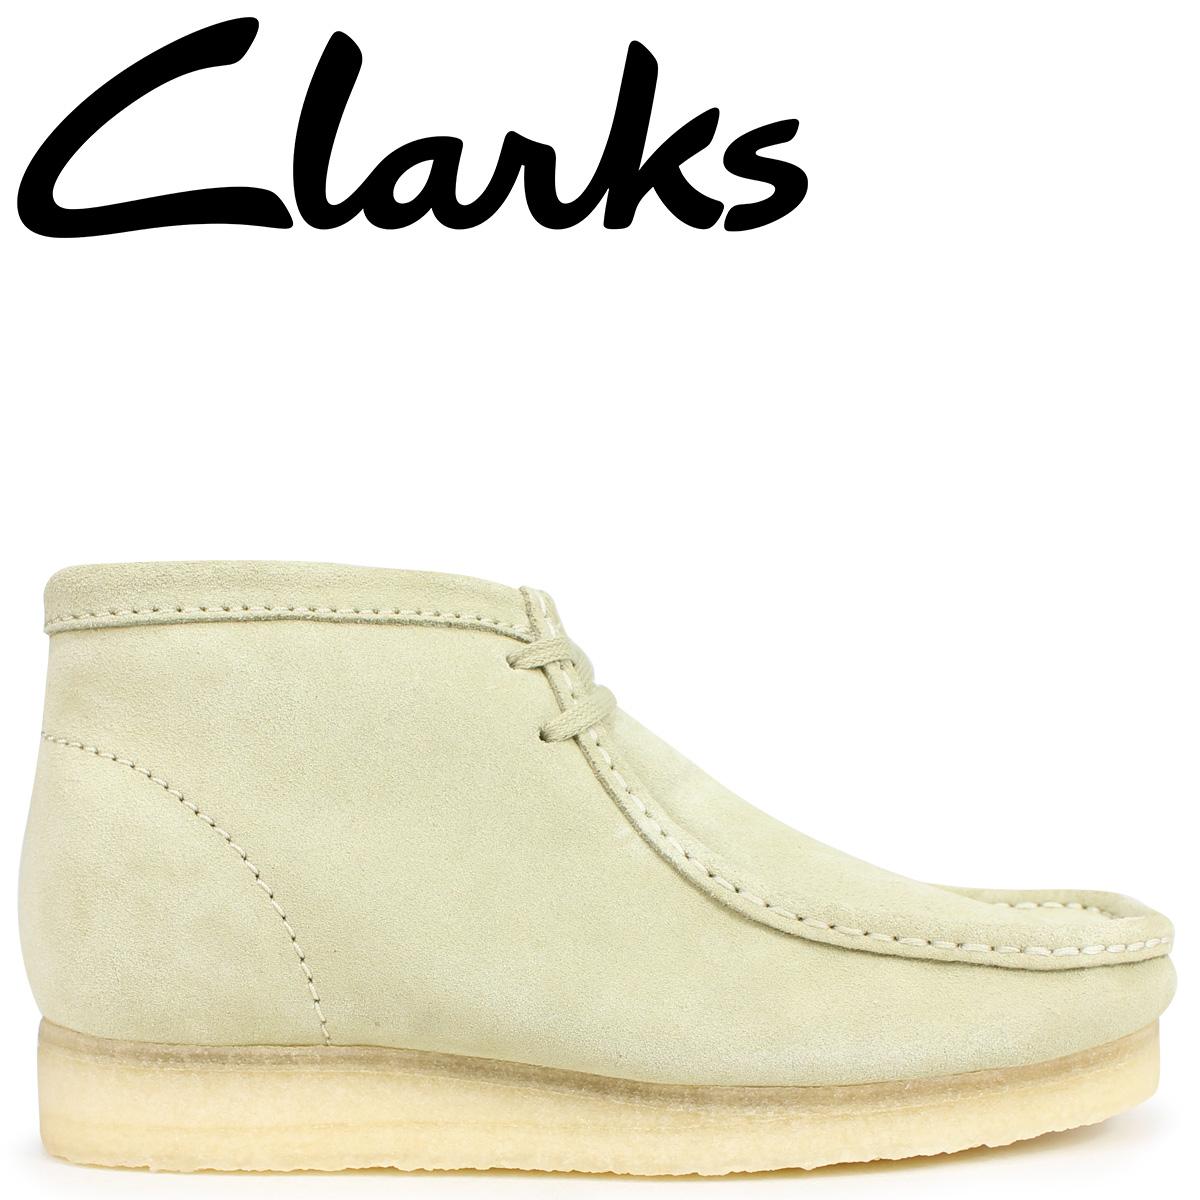 Clarks ワラビー ブーツ メンズ クラークス Clarks WALLABEE BOOT 26133283 メープル